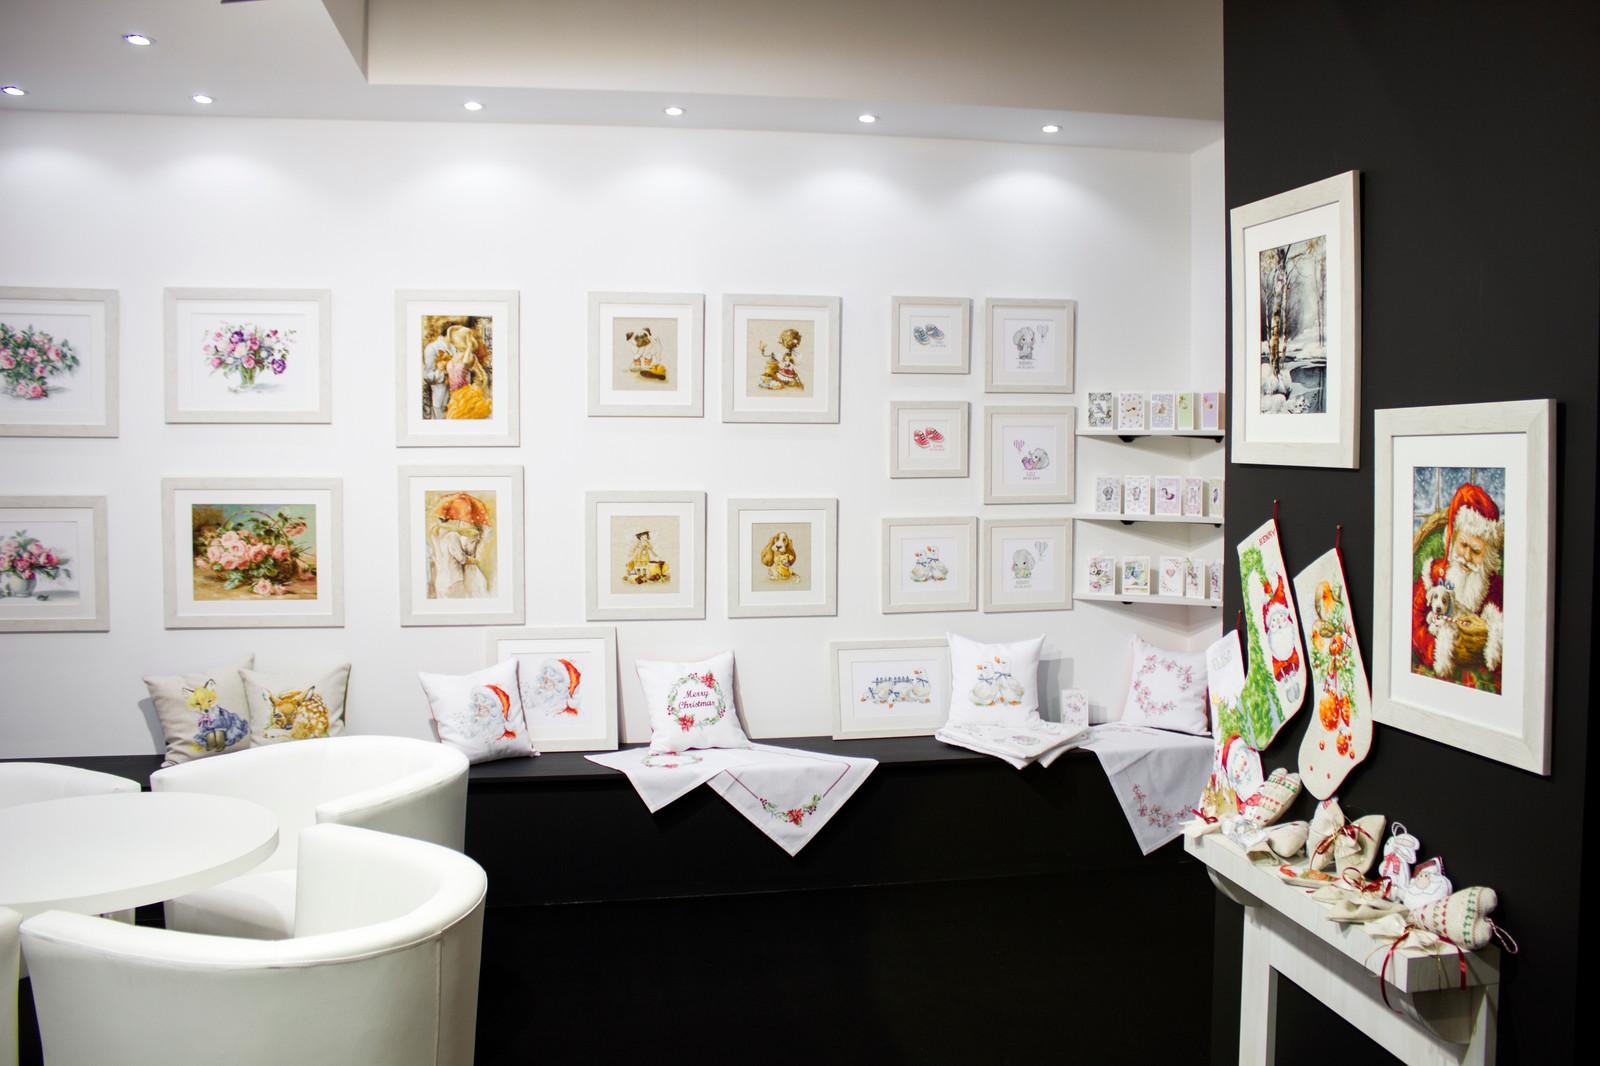 Luca S Exposition In H H 2018 Koln